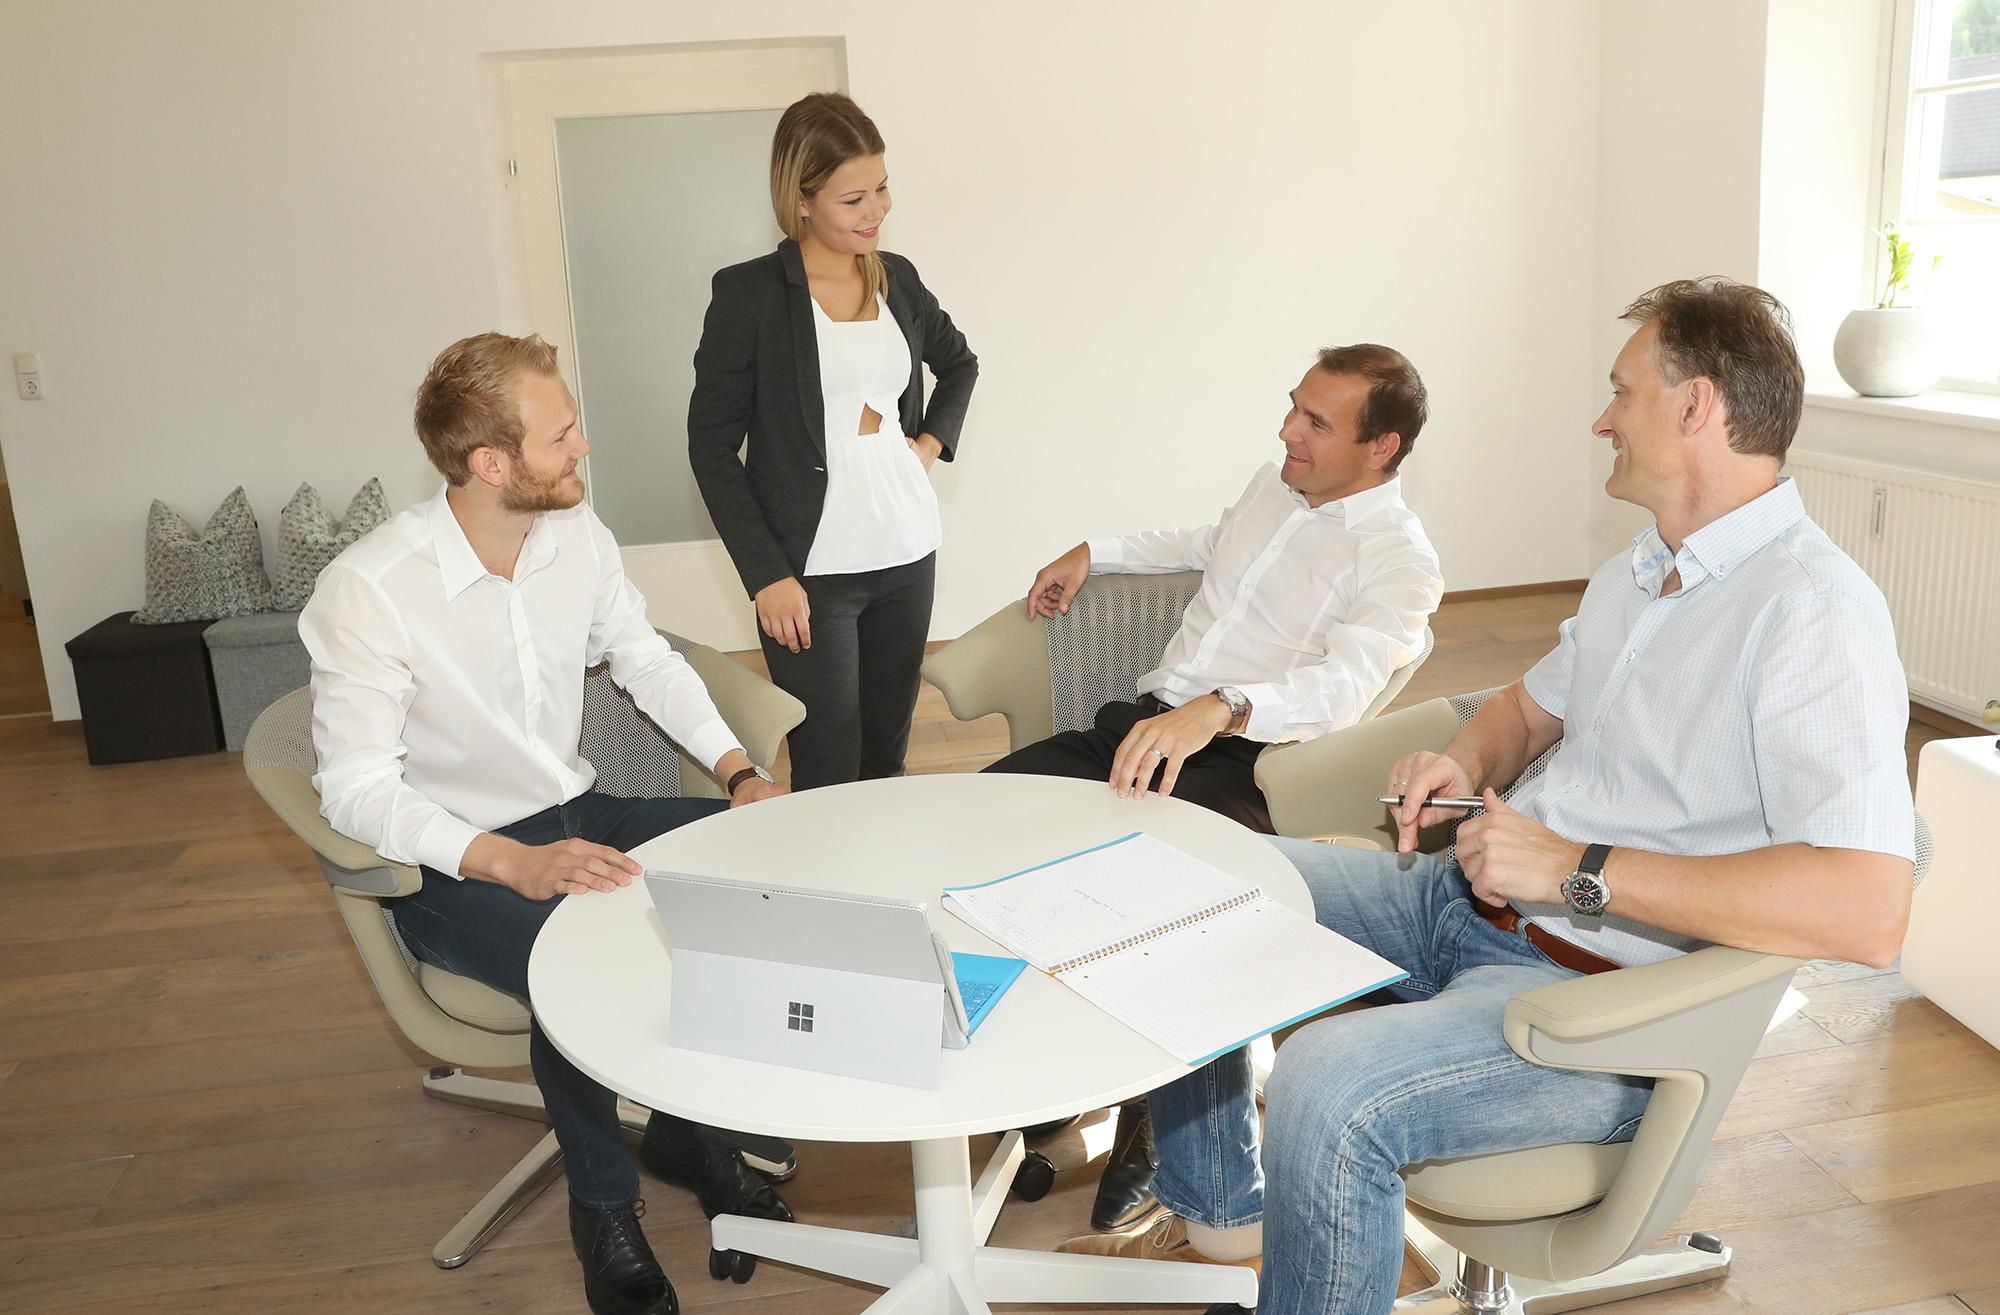 Mitarbeitergespräch, Meeting, Konferenz, Zielvereinbarung, Kommunikation